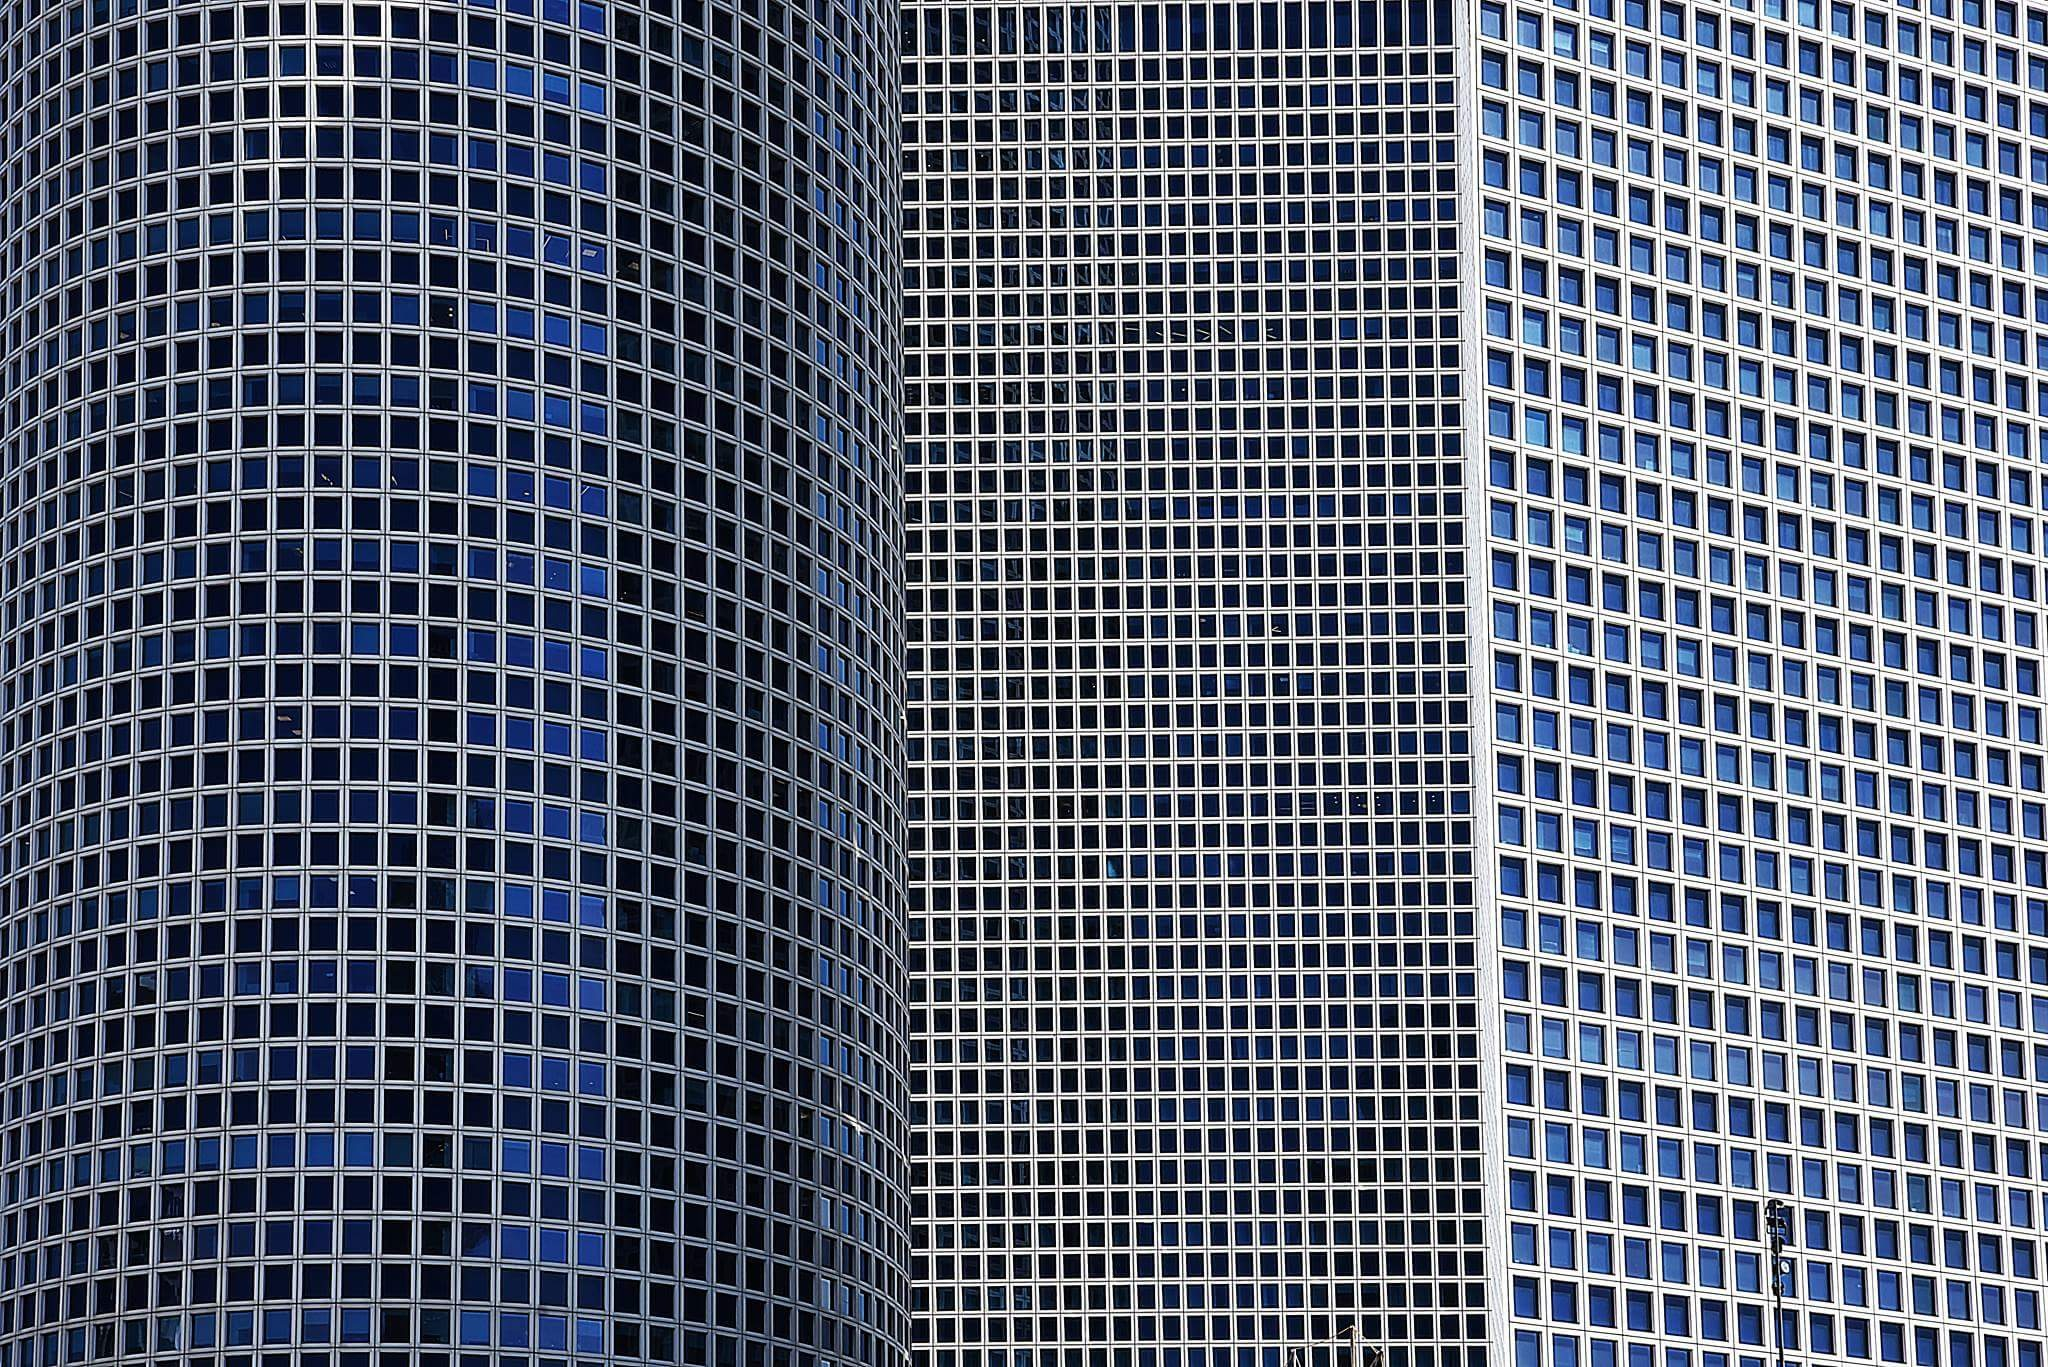 windows 2018 by Moshe Harosh